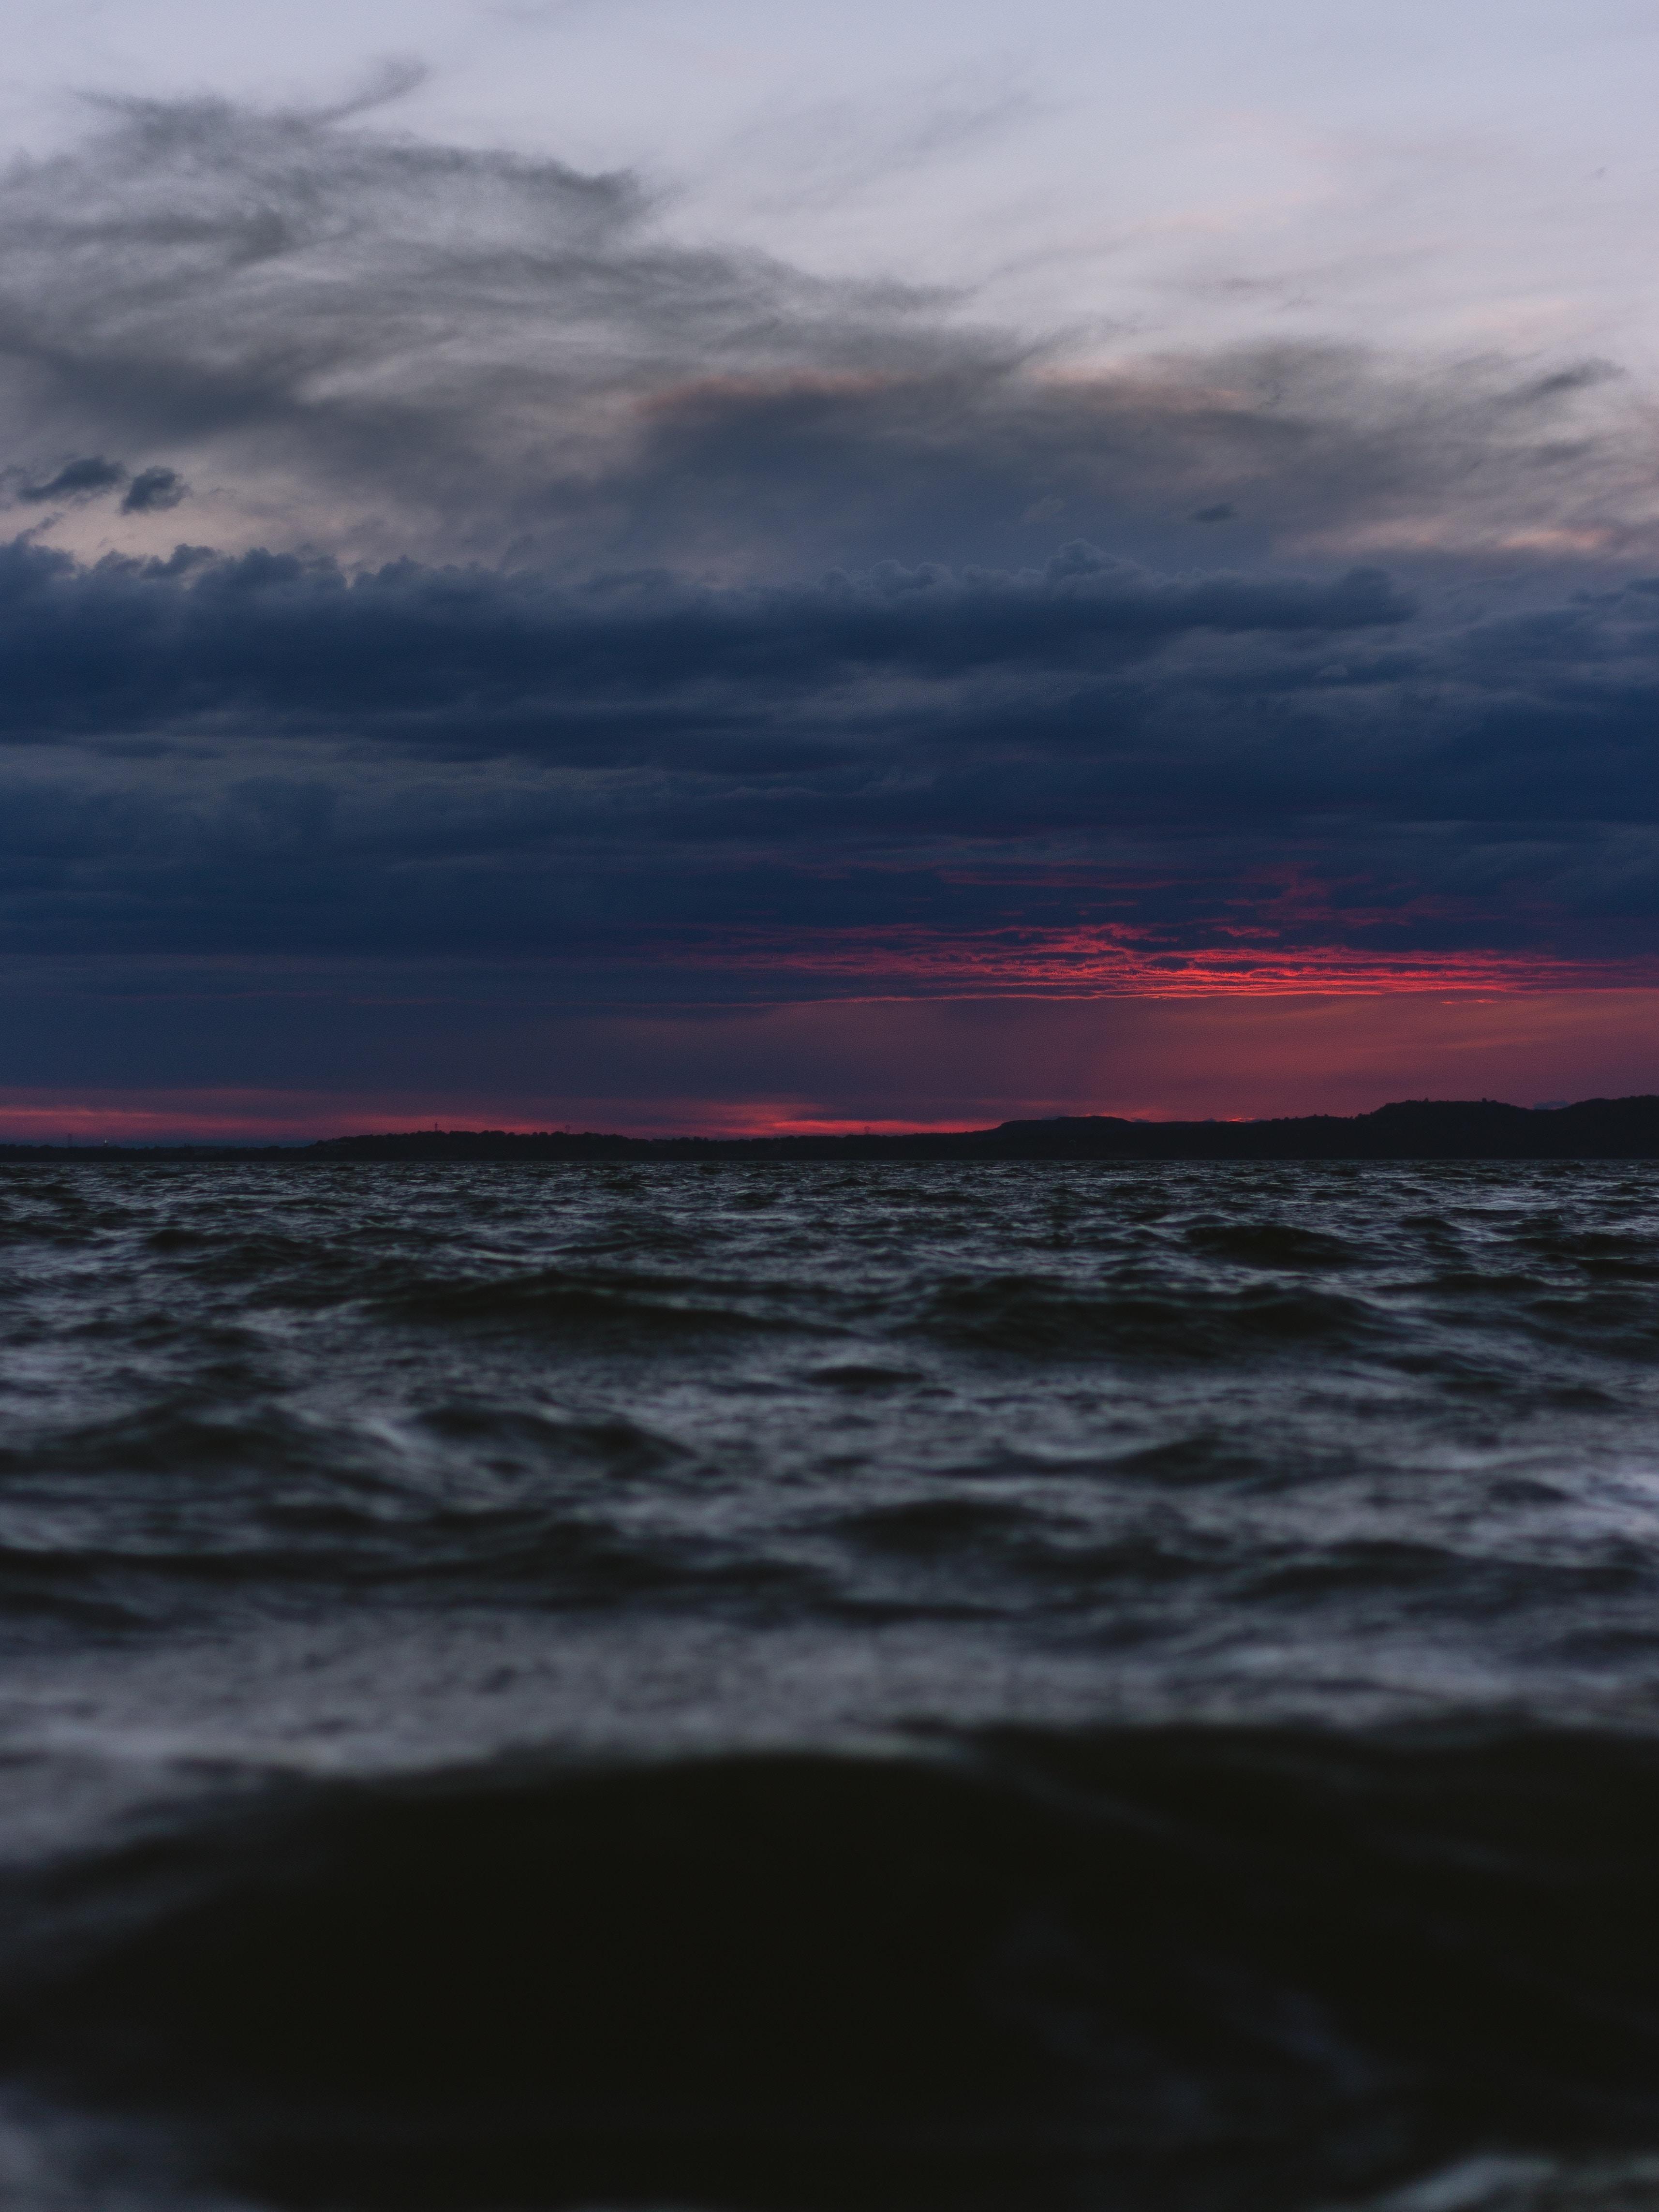 68102 Hintergrundbild 480x800 kostenlos auf deinem Handy, lade Bilder Natur, Sea, Clouds, Waves, Horizont, Dunkel, Dämmerung, Twilight, Abend 480x800 auf dein Handy herunter